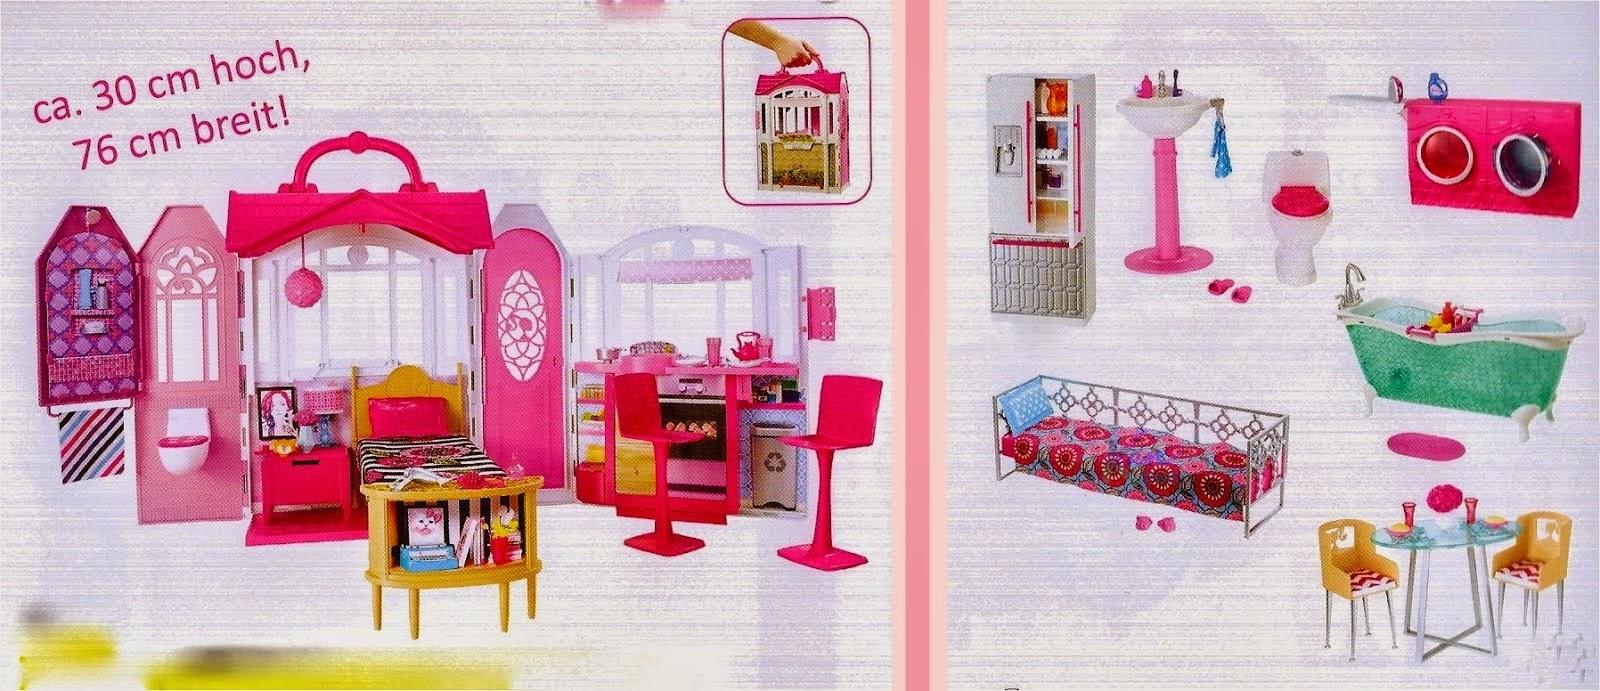 Barbie fashion s casa de f rias da barbie 2015 e - Arreglar la casa de barbie ...